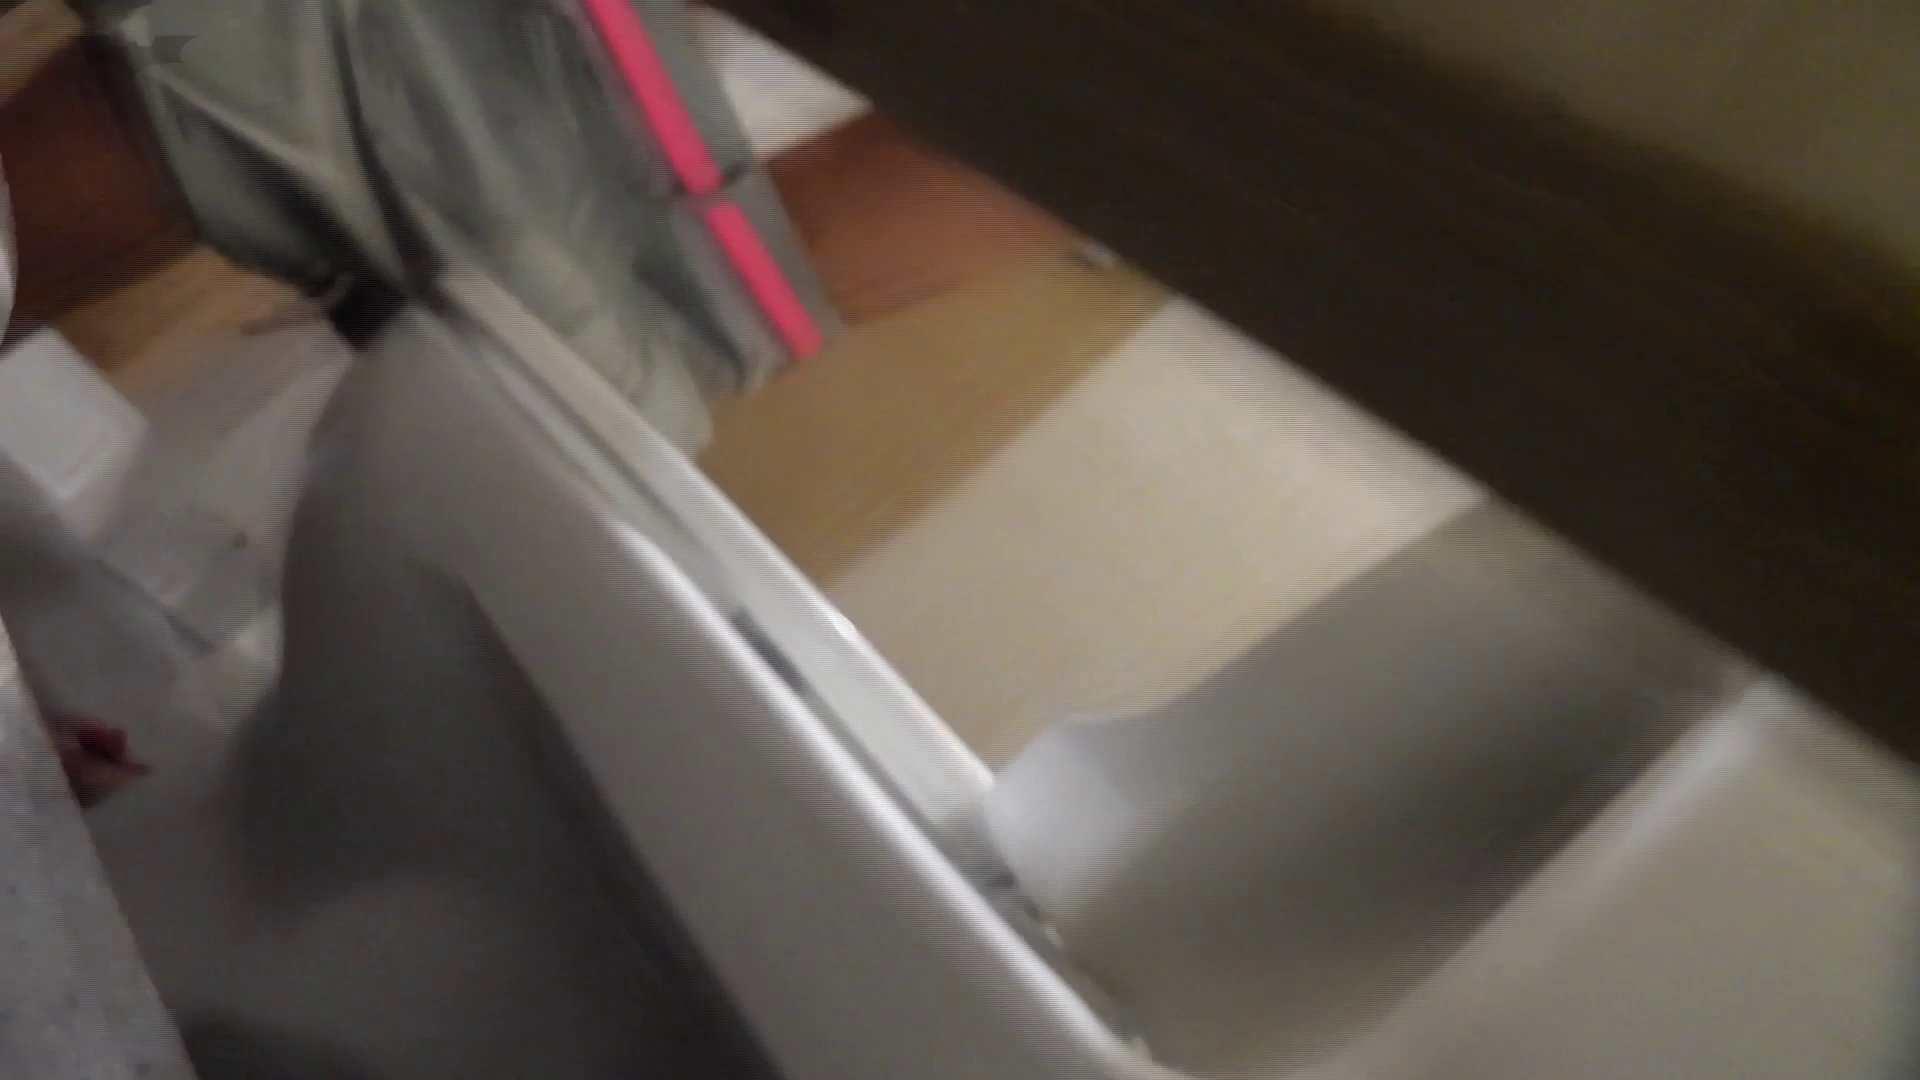 和式洋式七変化 Vol.32 綺麗な子連続登場 OLの実態 盗撮AV動画キャプチャ 69pic 53